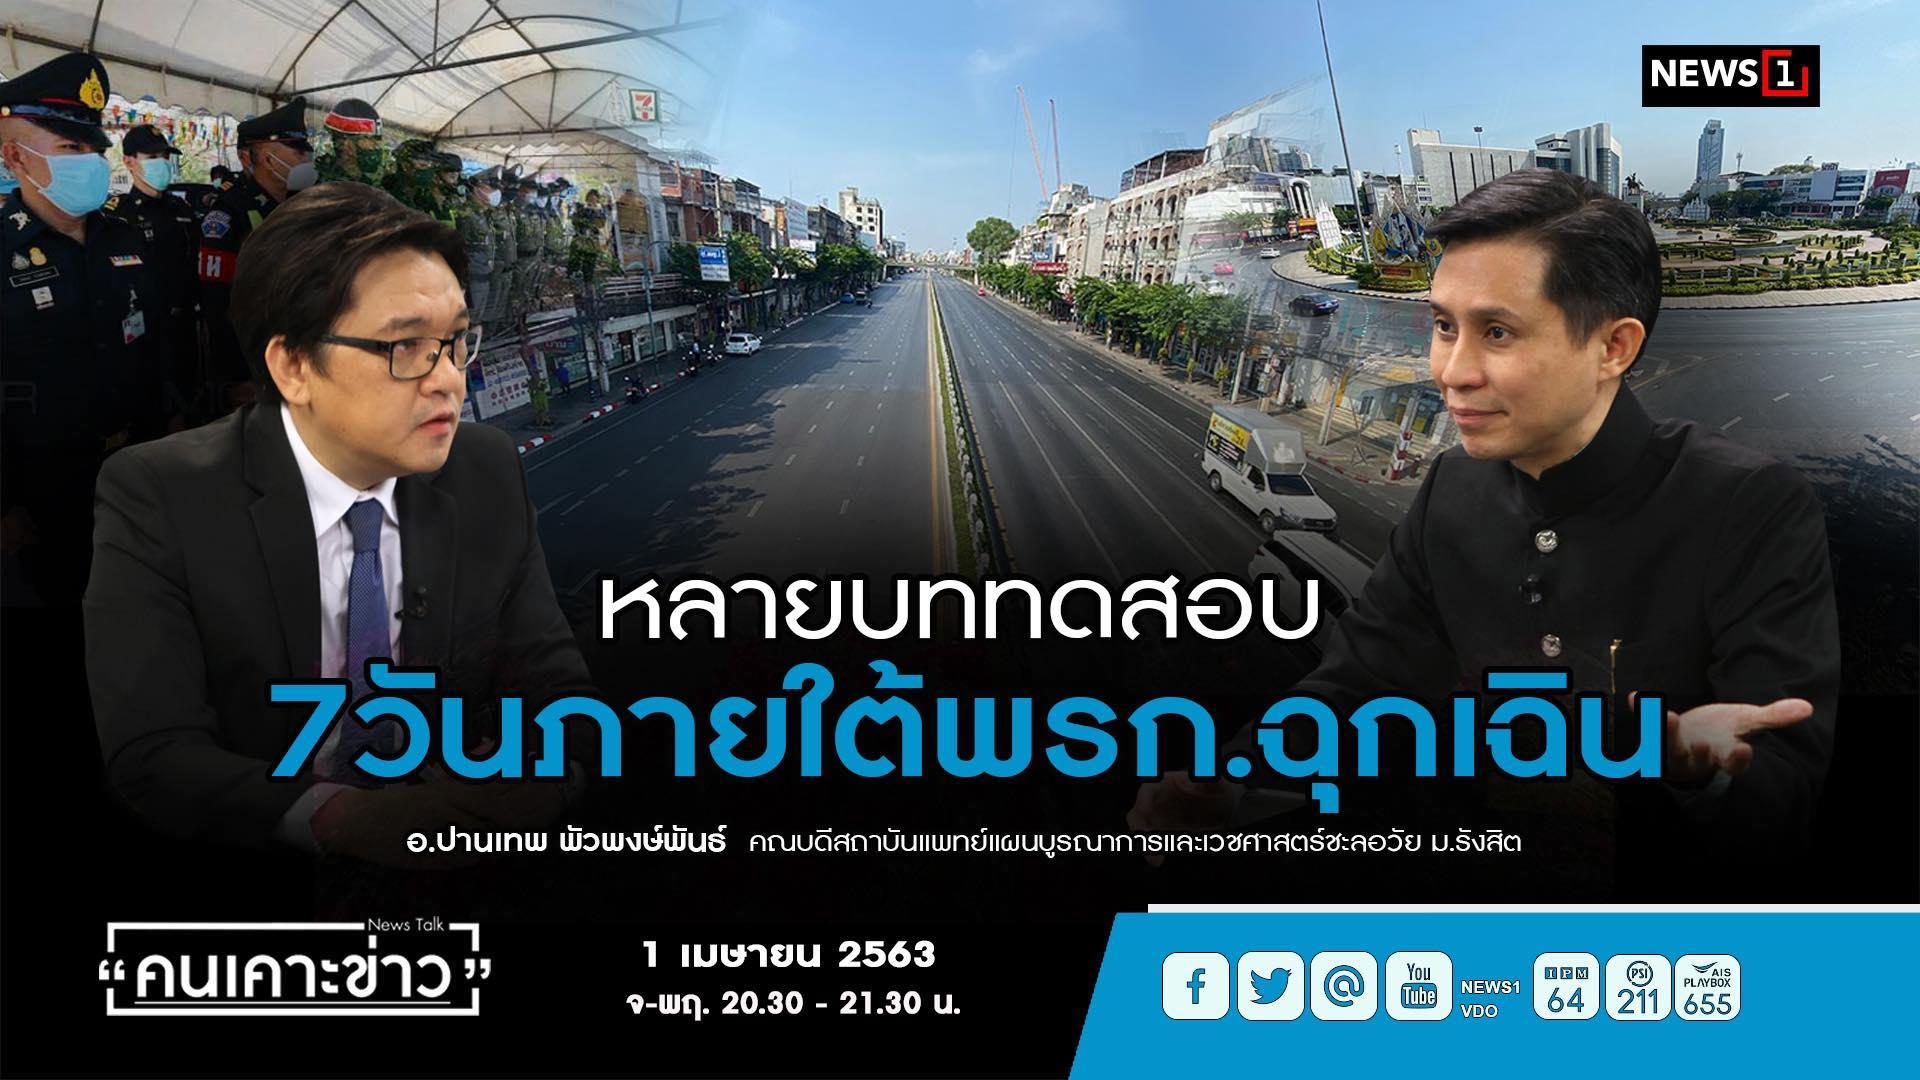 """""""ปานเทพ"""" ย้ำรัฐต้องสั่งหยุดงานทั้งหมดเอื้ออยู่บ้าน แนะให้แพทย์แผนไทยช่วยดูแลกลุ่มถูกกักตัว"""